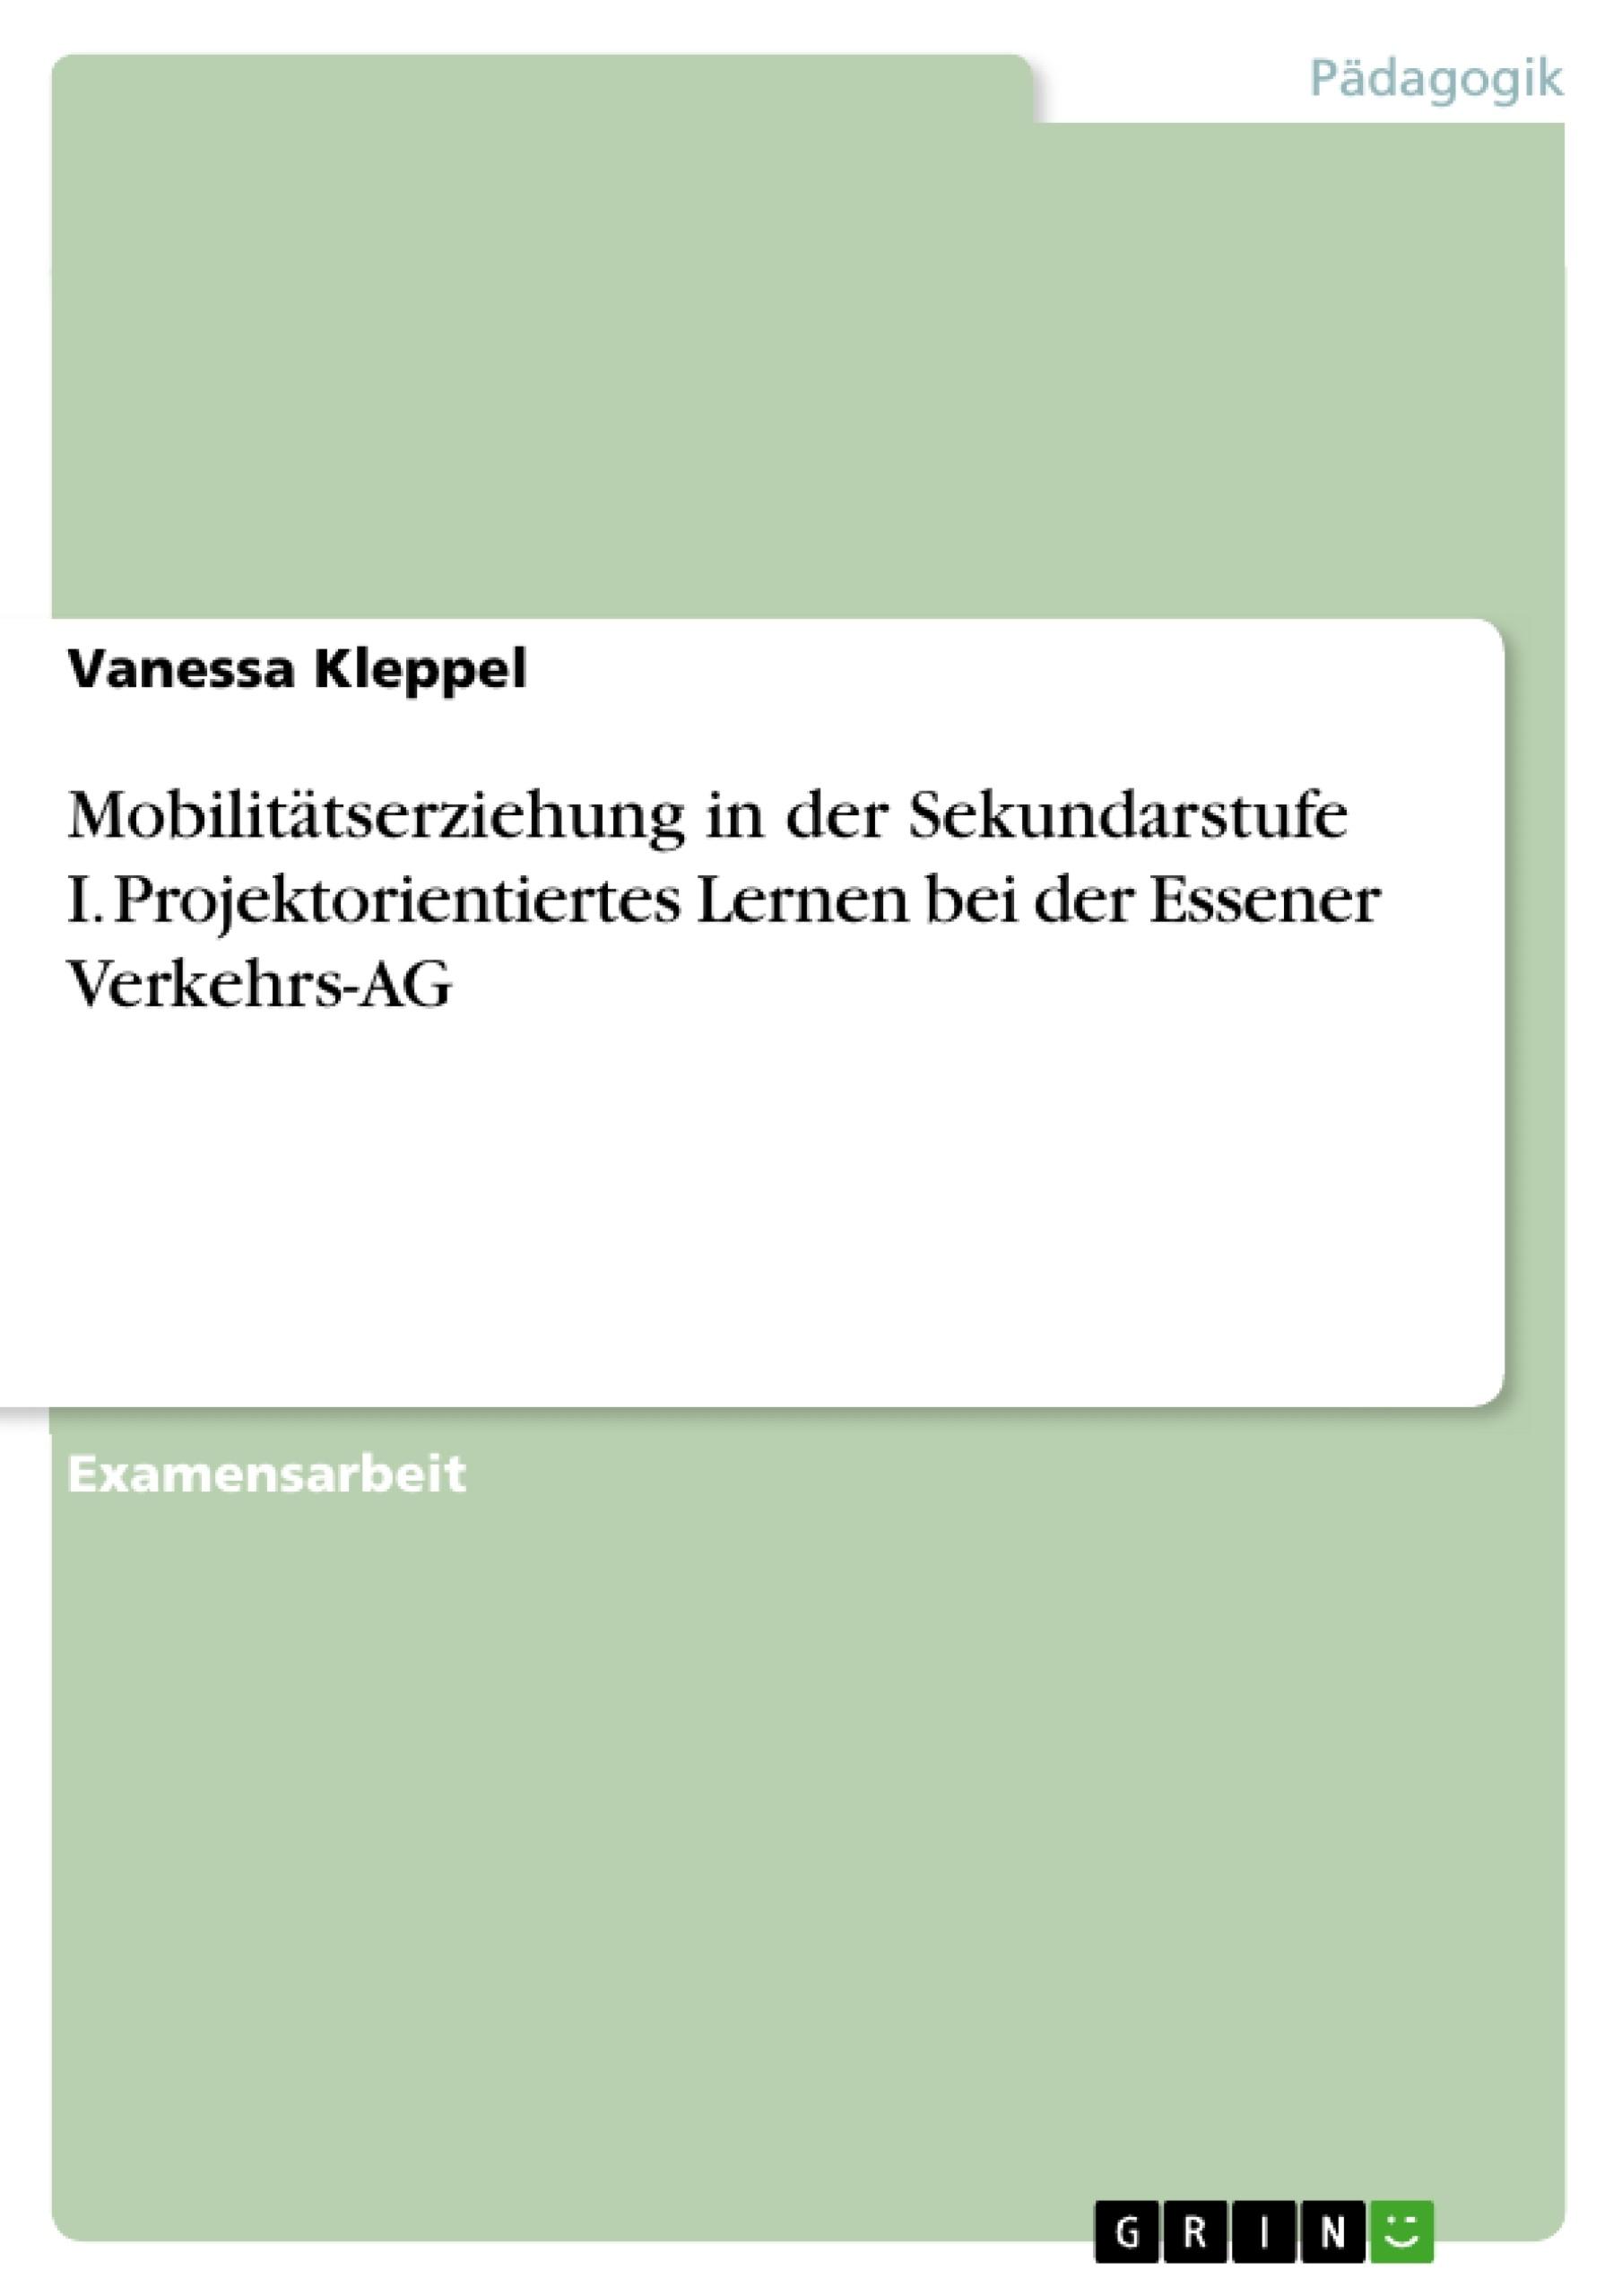 Titel: Mobilitätserziehung in der Sekundarstufe I. Projektorientiertes Lernen bei der Essener Verkehrs-AG